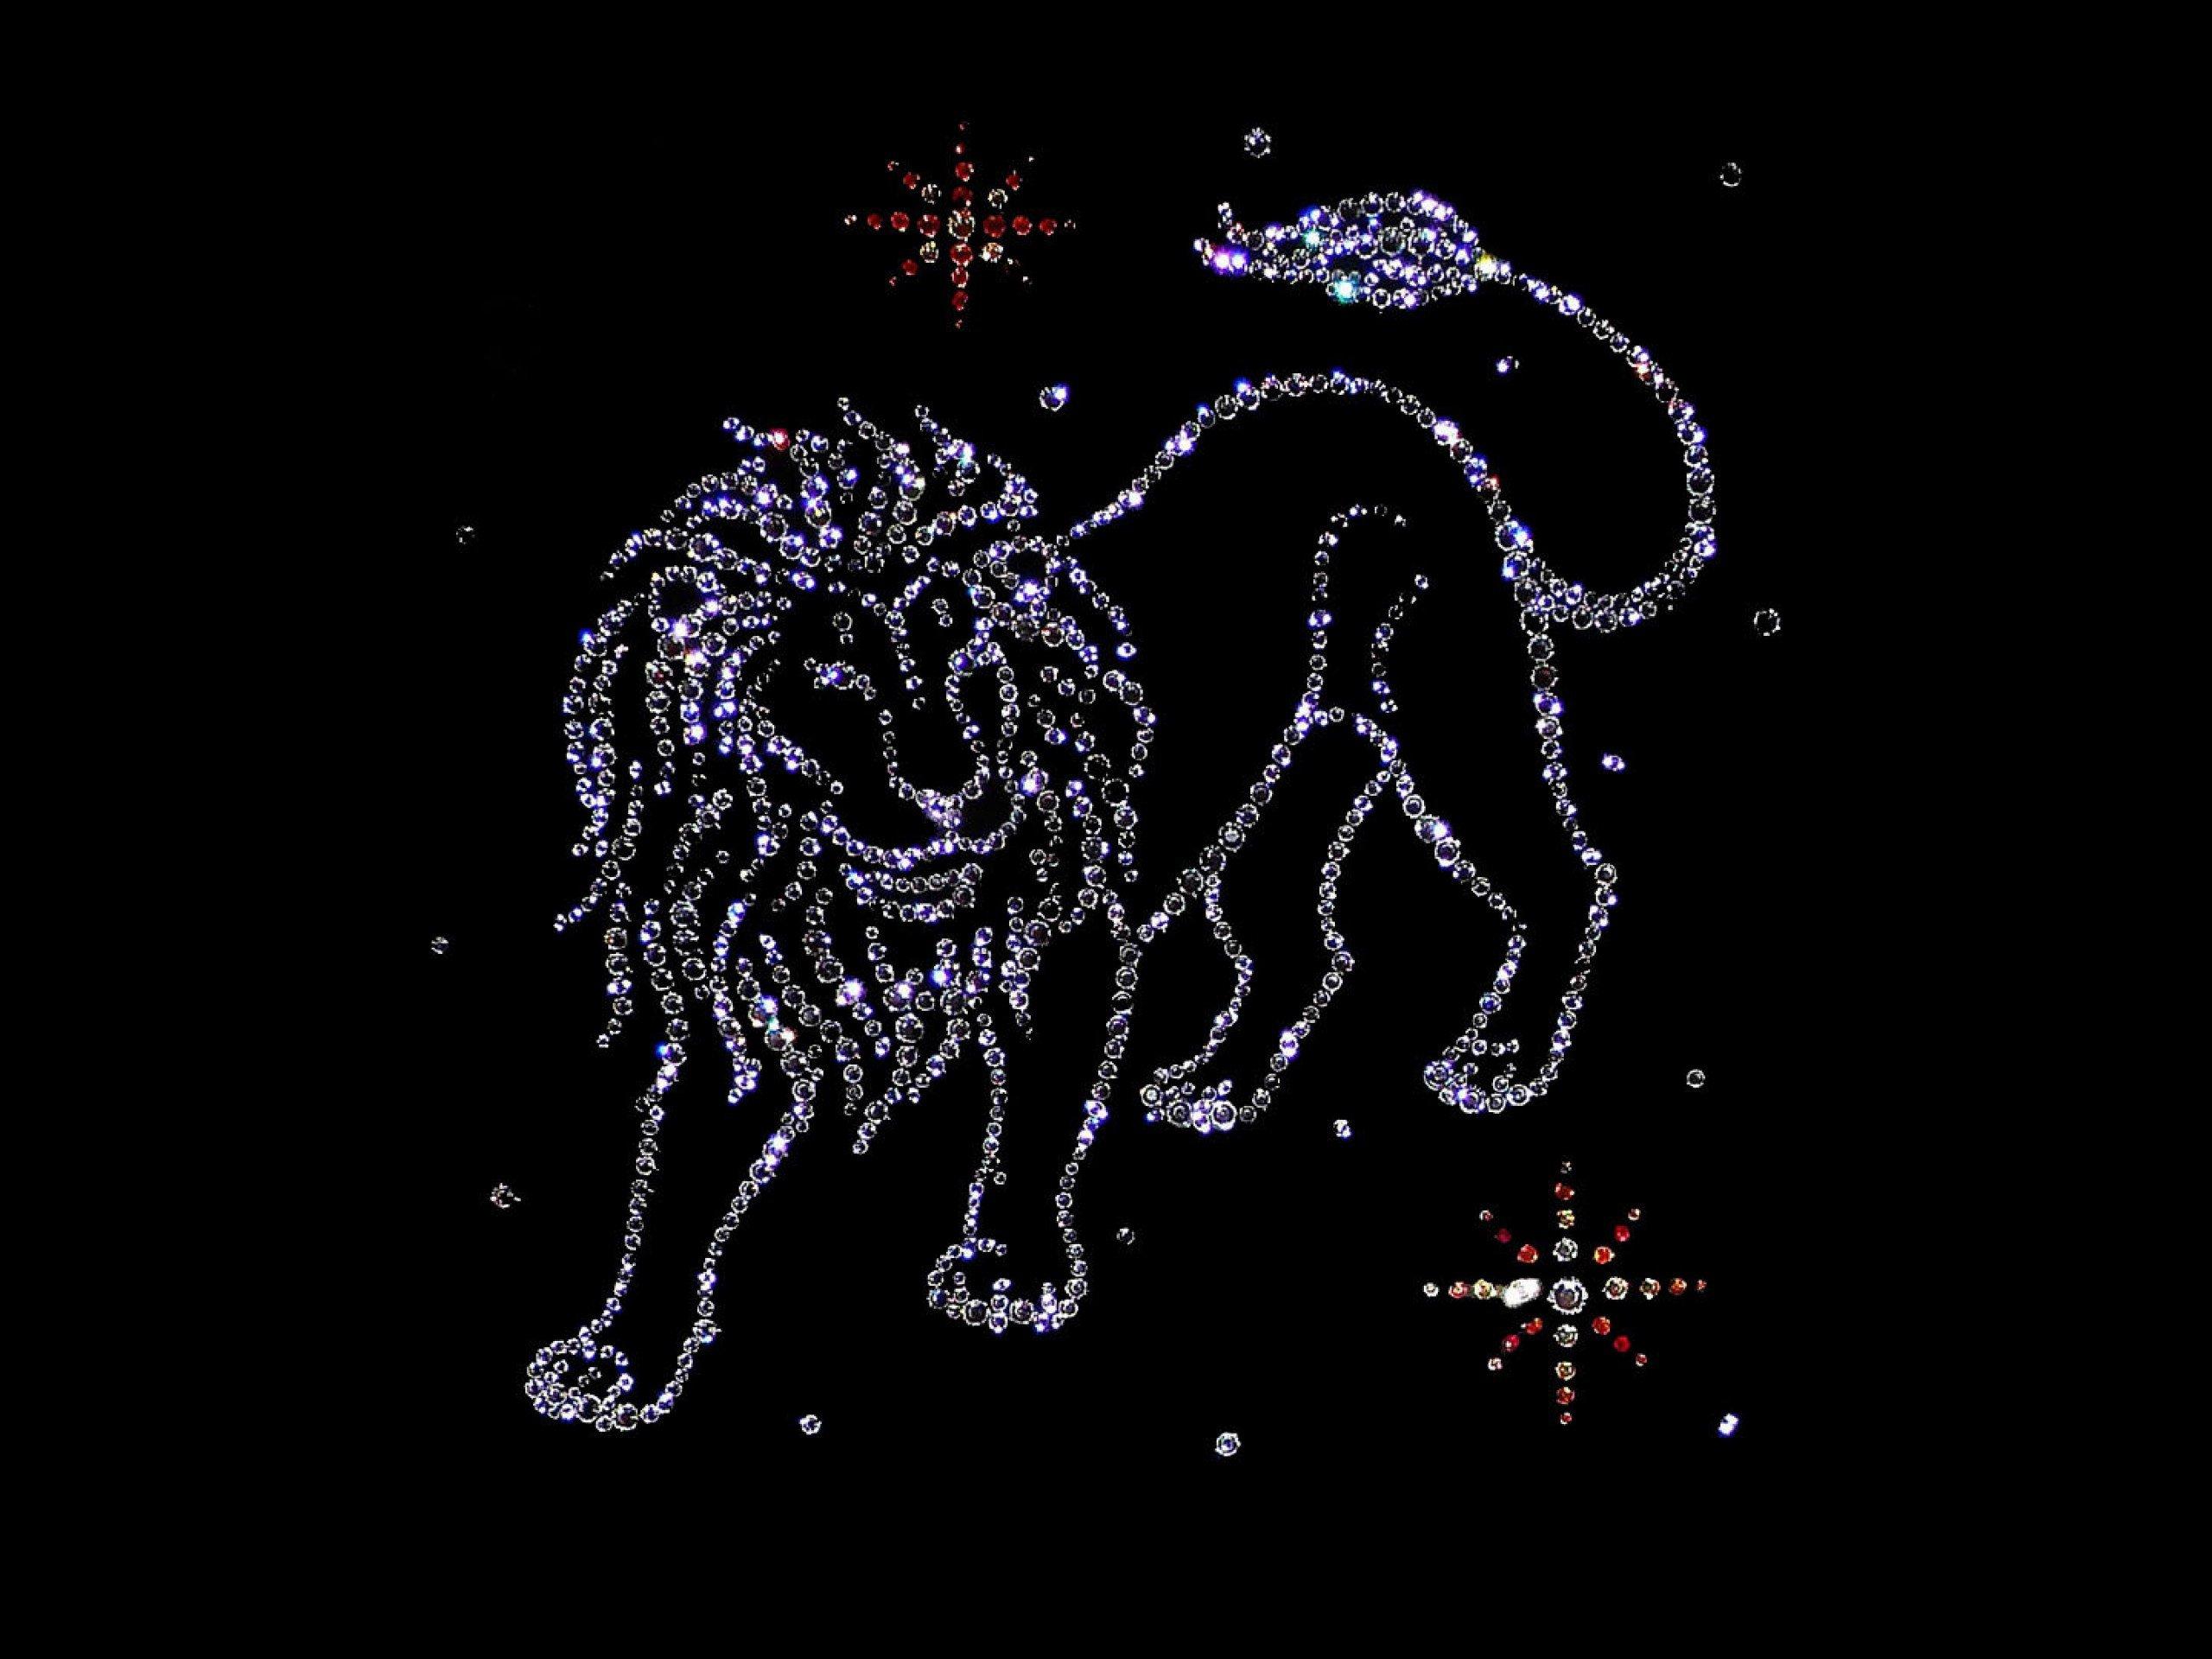 Знак зодиака Лев, топ заставки на рабочий стол, 2560 на 1920 пикселей